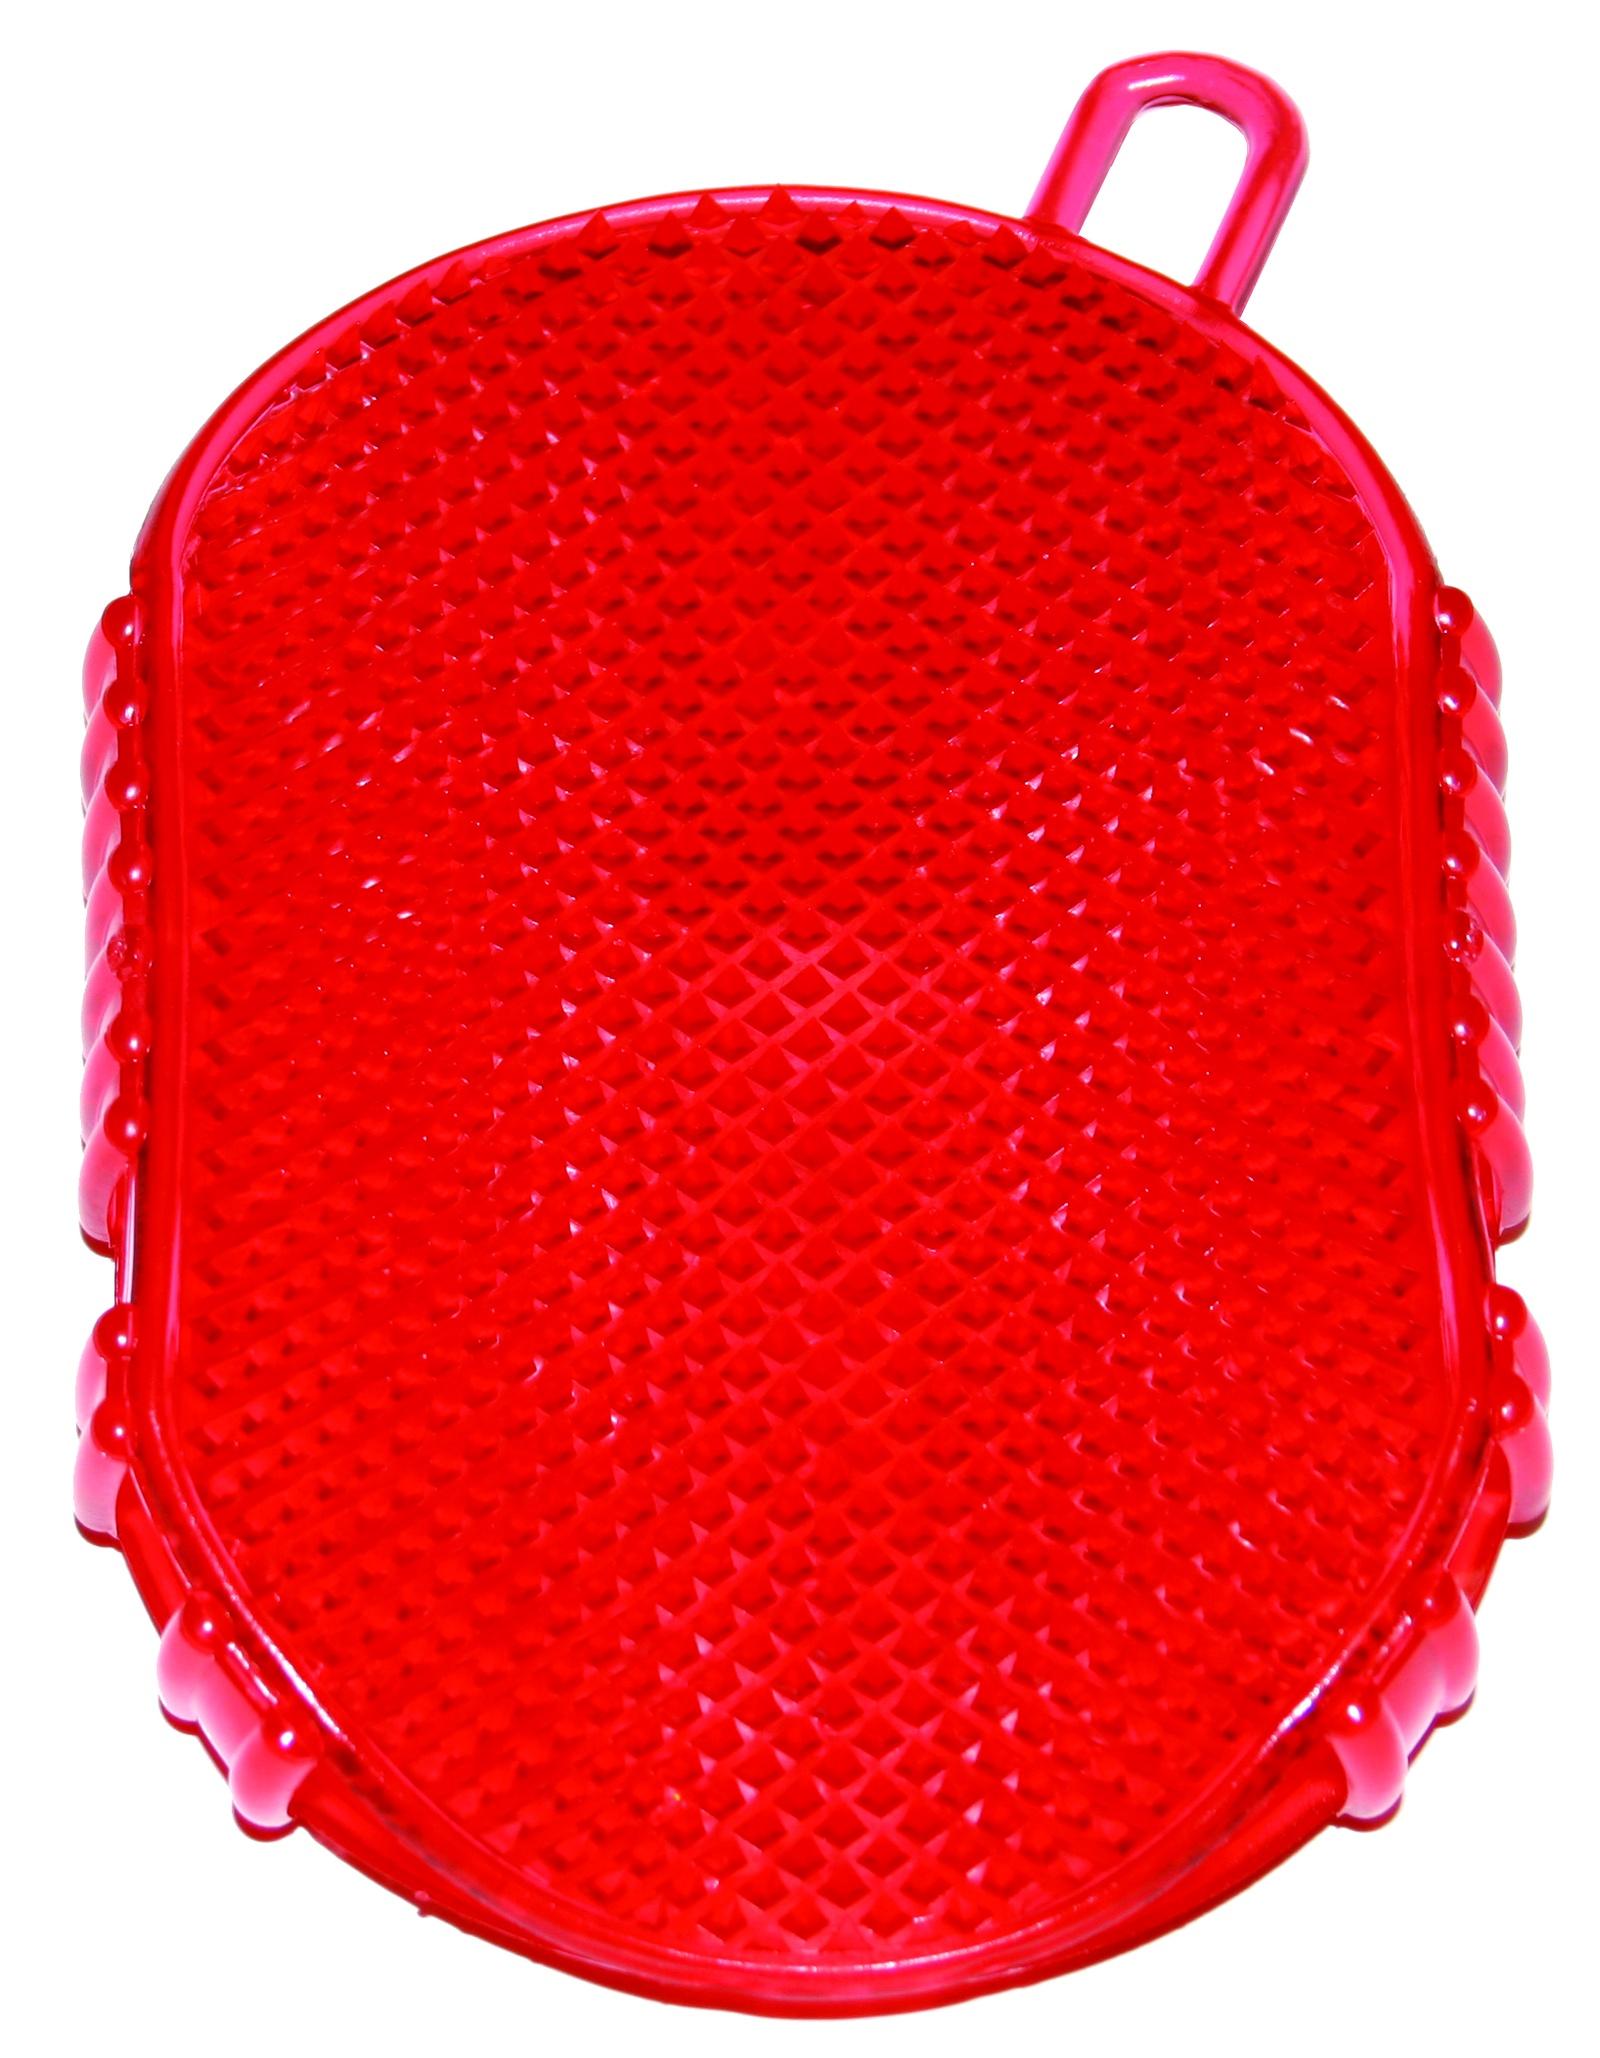 Массажный прибор Торг Лайнс ЧУДО-ВАРЕЖКА, модель №1 Торг Лайнс